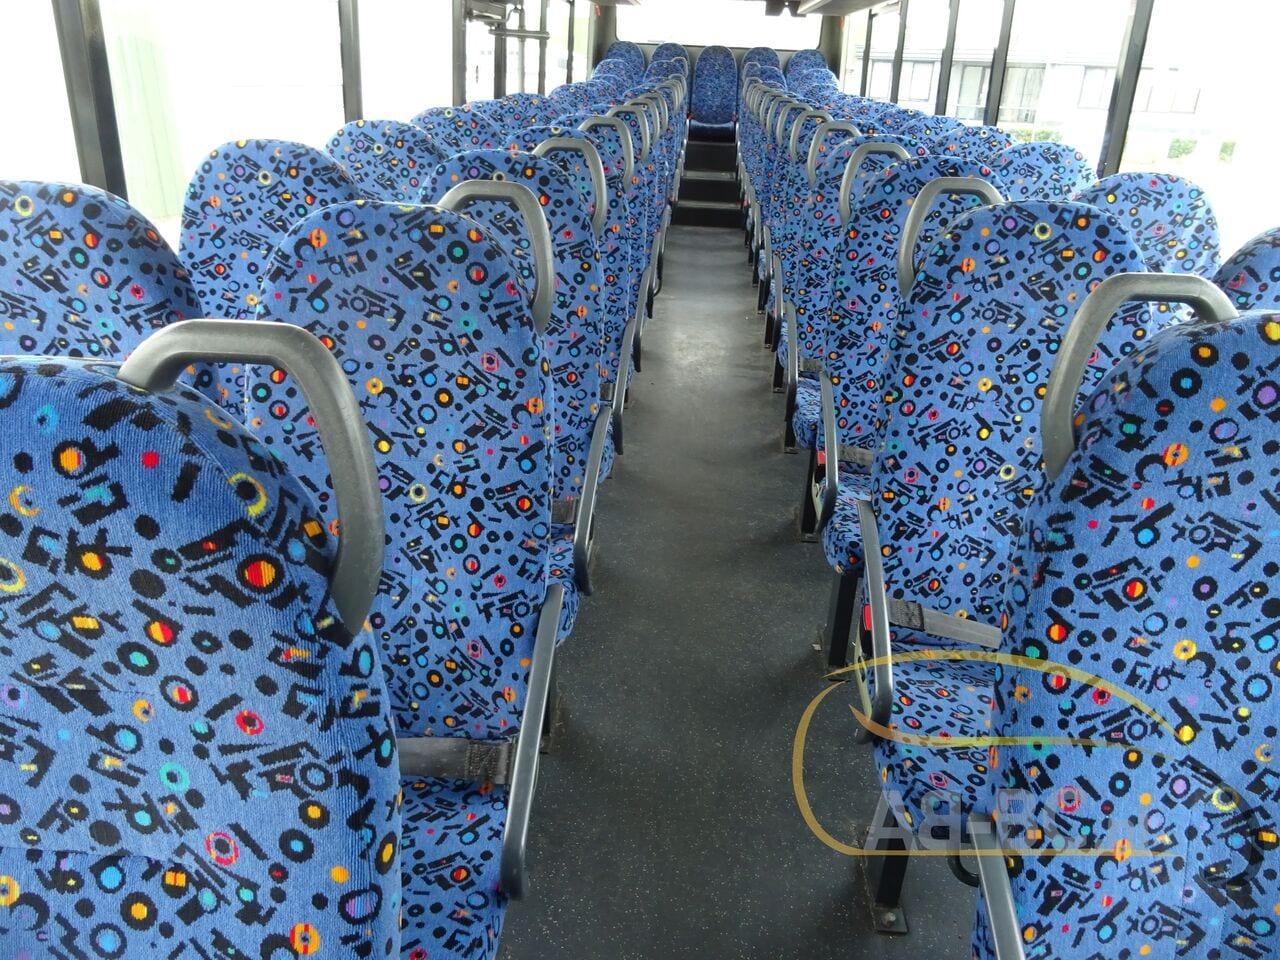 interurban-busMAN-Fast-64-seats---1619619980885950137_big_f7466c8104bff3af9bb379d41142ed9f--21042817163019598600